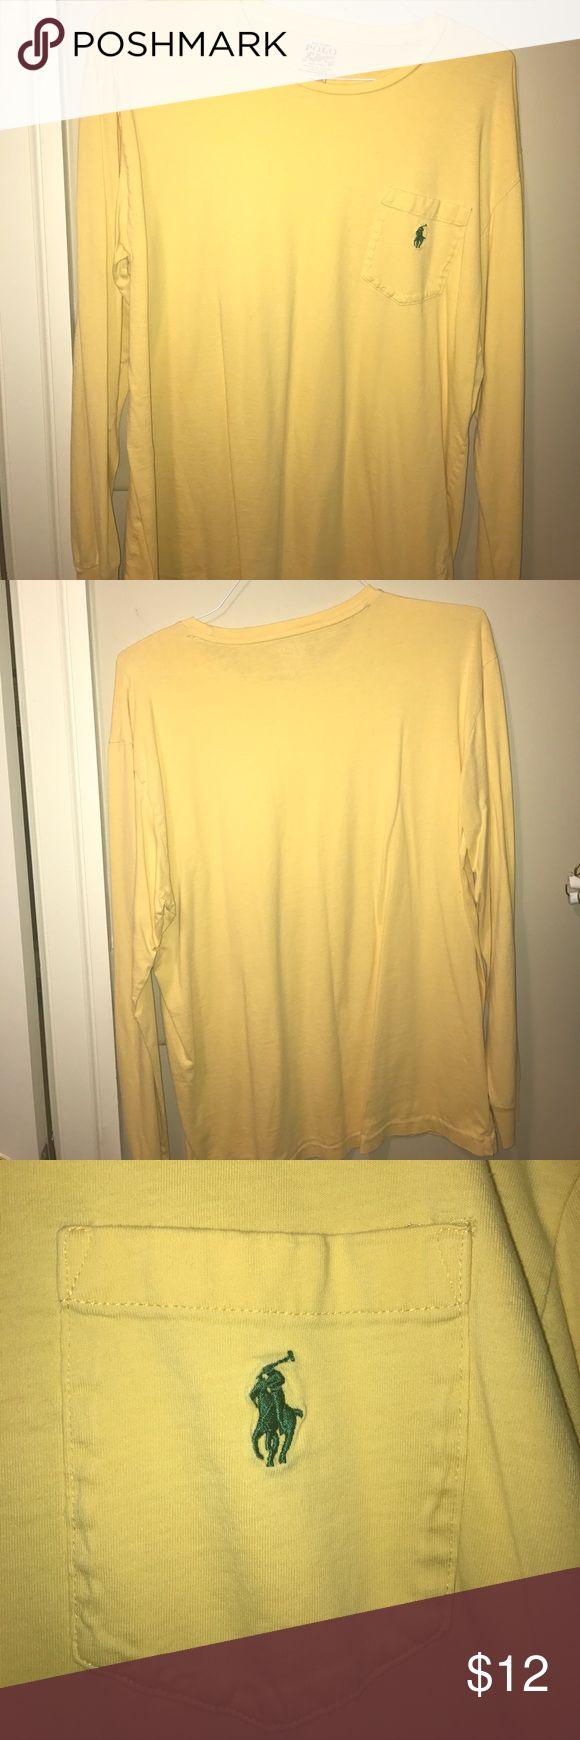 Yellow Polo Ralph Lauren long sleeve t-shirt Yellow Polo Ralph Lauren long sleeve t-shirt - great condition! Polo by Ralph Lauren Shirts Tees - Long Sleeve